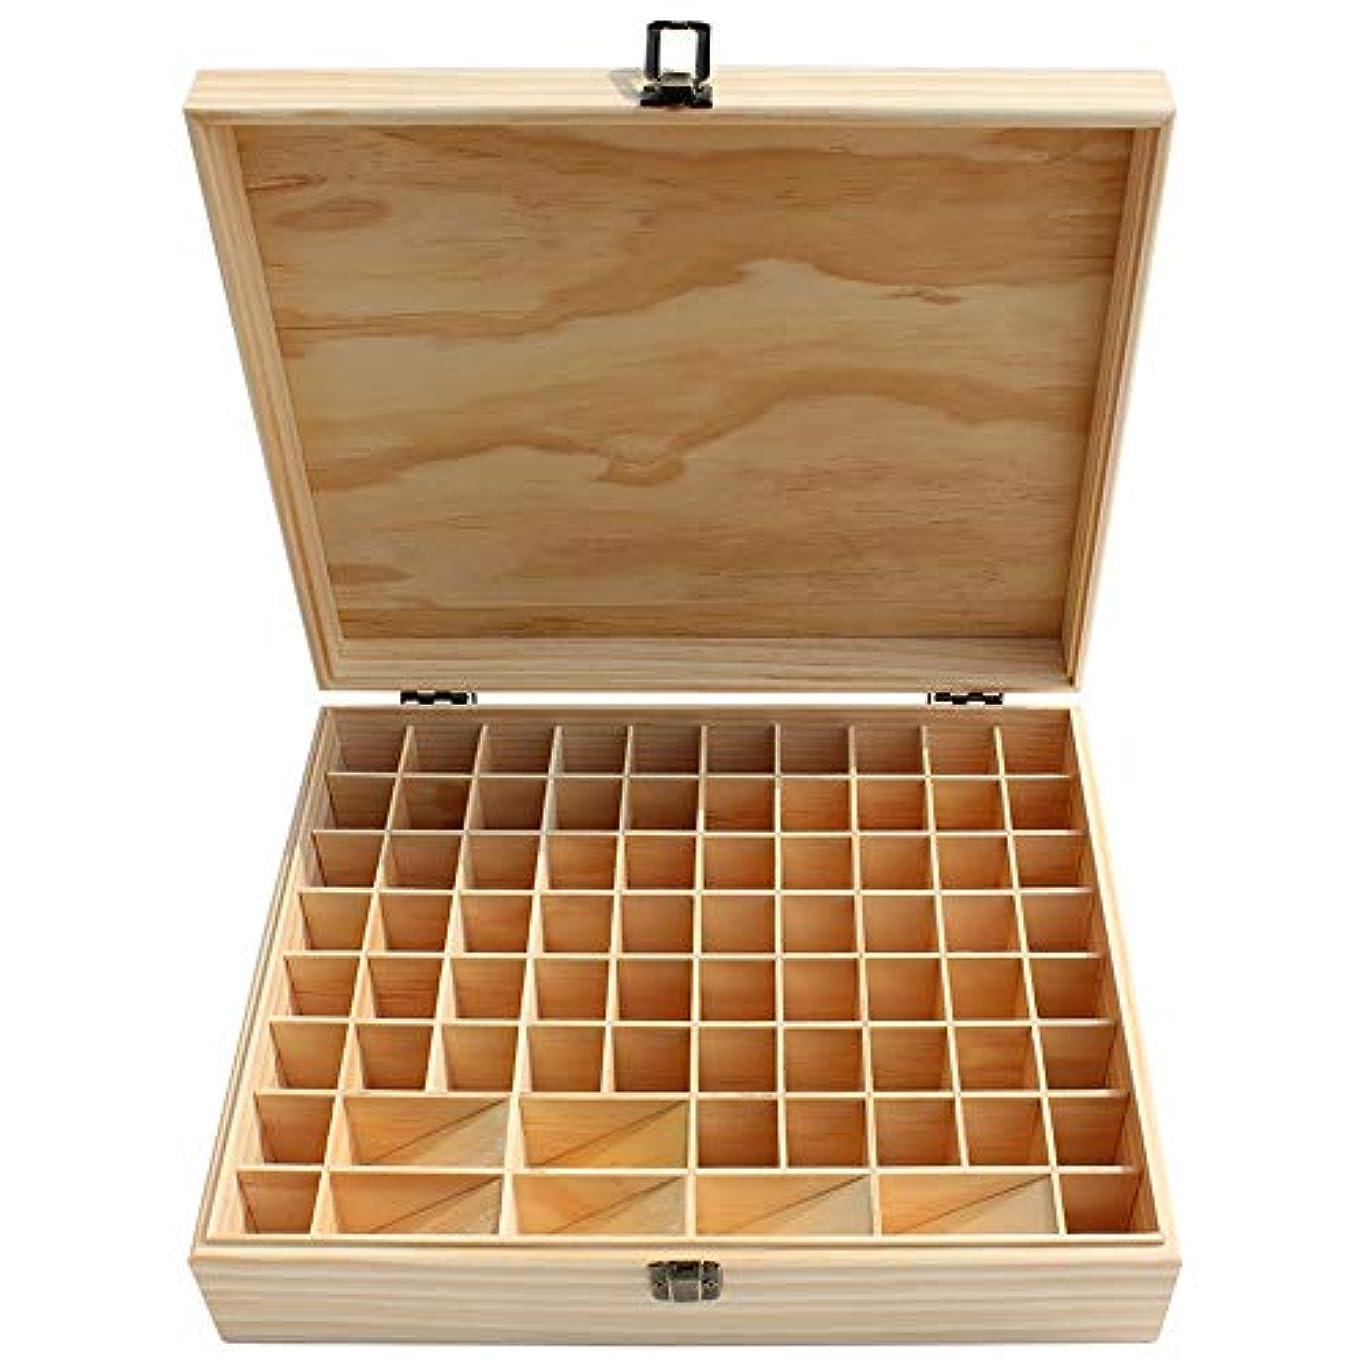 ディレクトリもっと国民大74スロット木製のエッセンシャルオイルストレージボックスナチュラルパインウッド アロマセラピー製品 (色 : Natural, サイズ : 34X27.5X9CM)